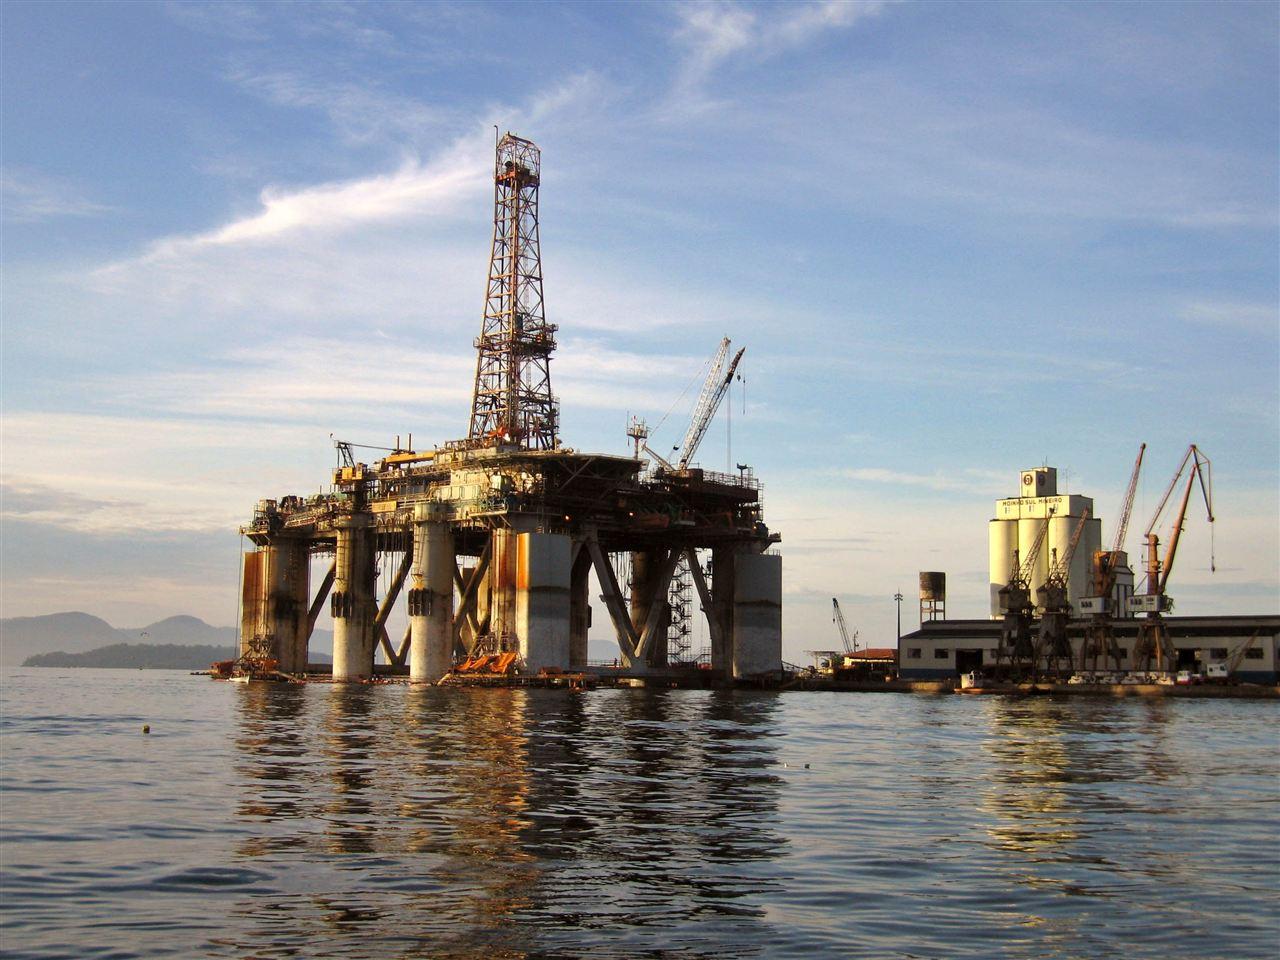 可燃冰试采成功 仪器市场有望开辟新蓝海